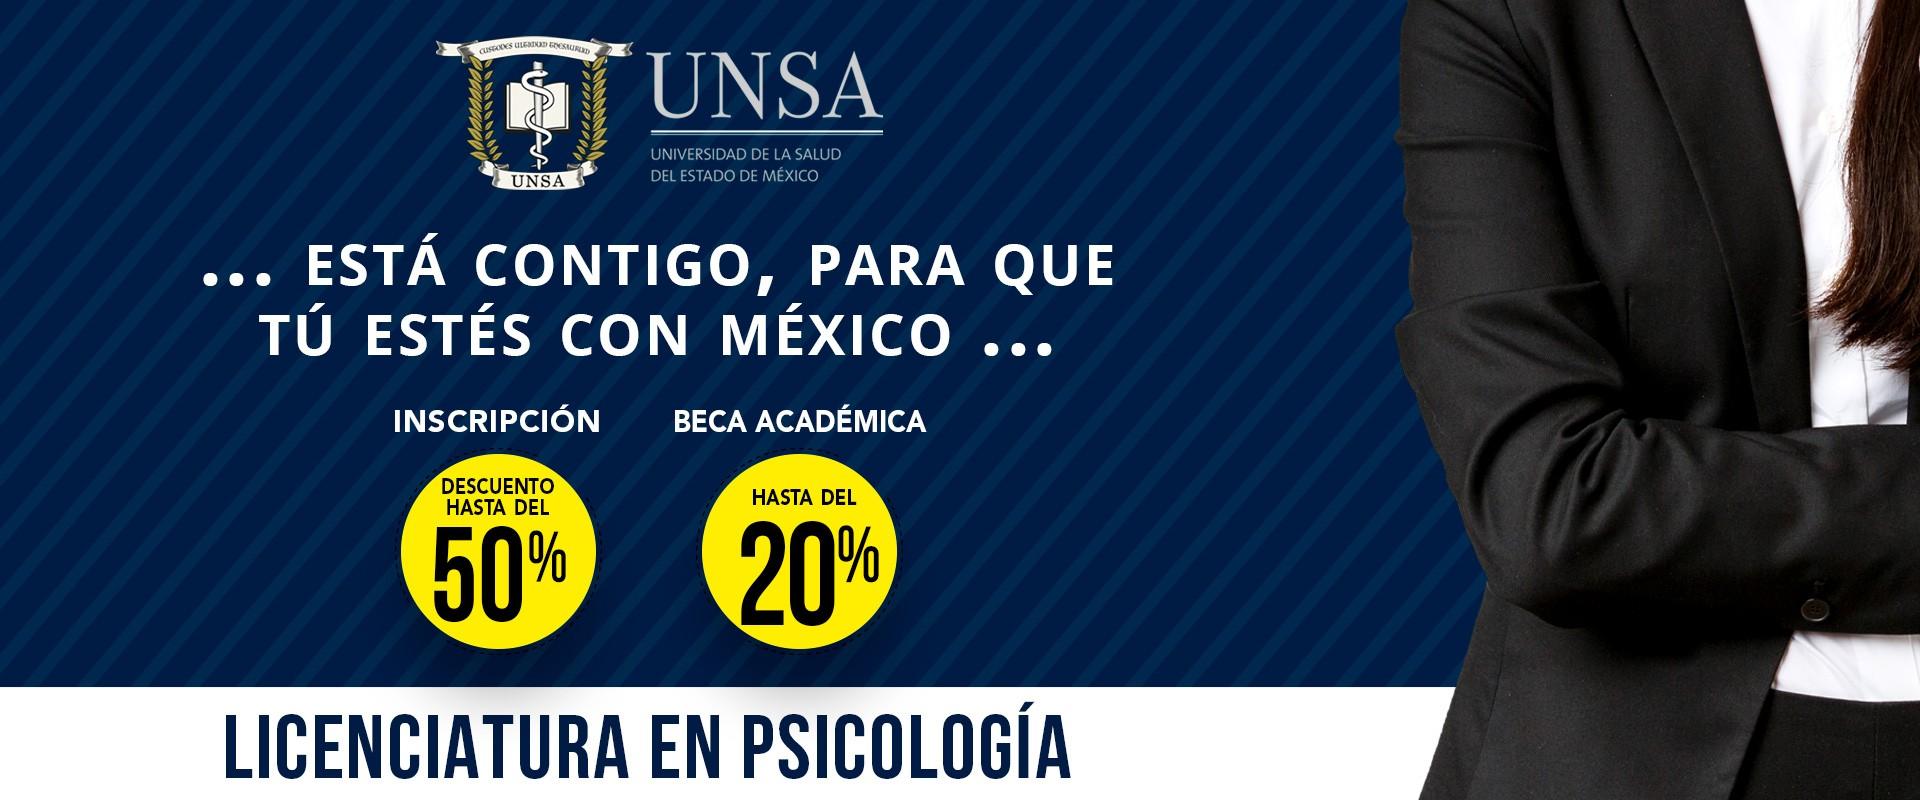 UNSA - Licenciatura en Psicología